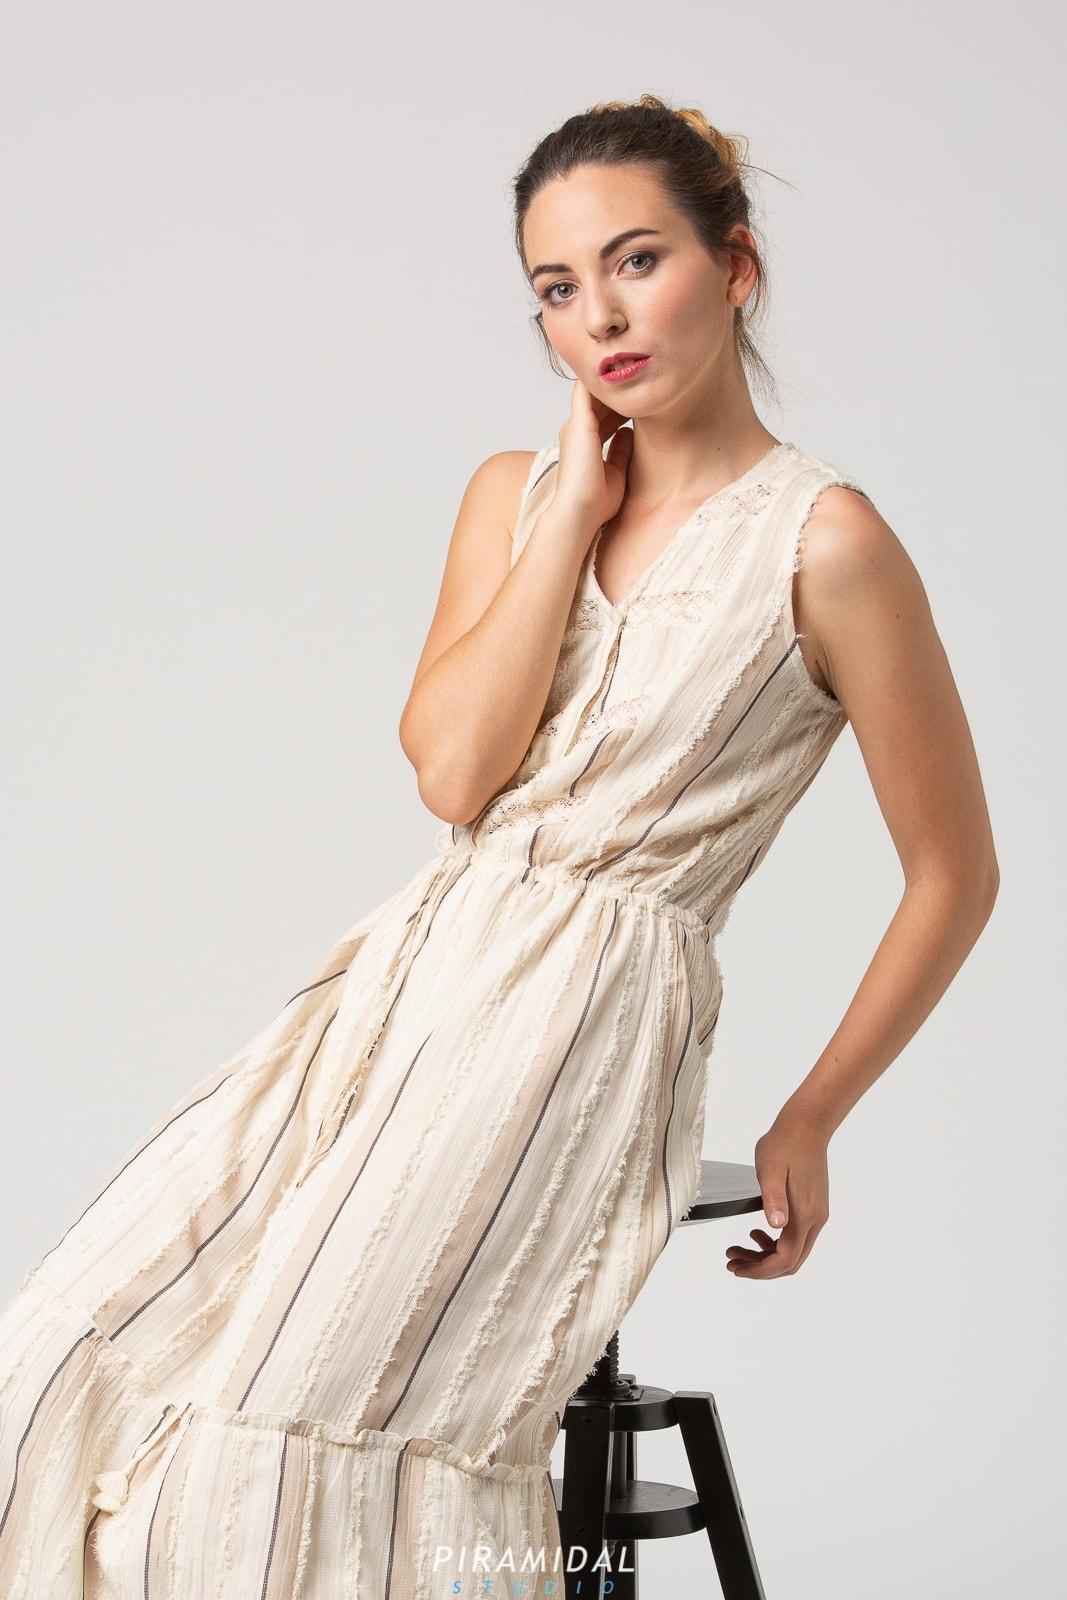 dressdivision-0197